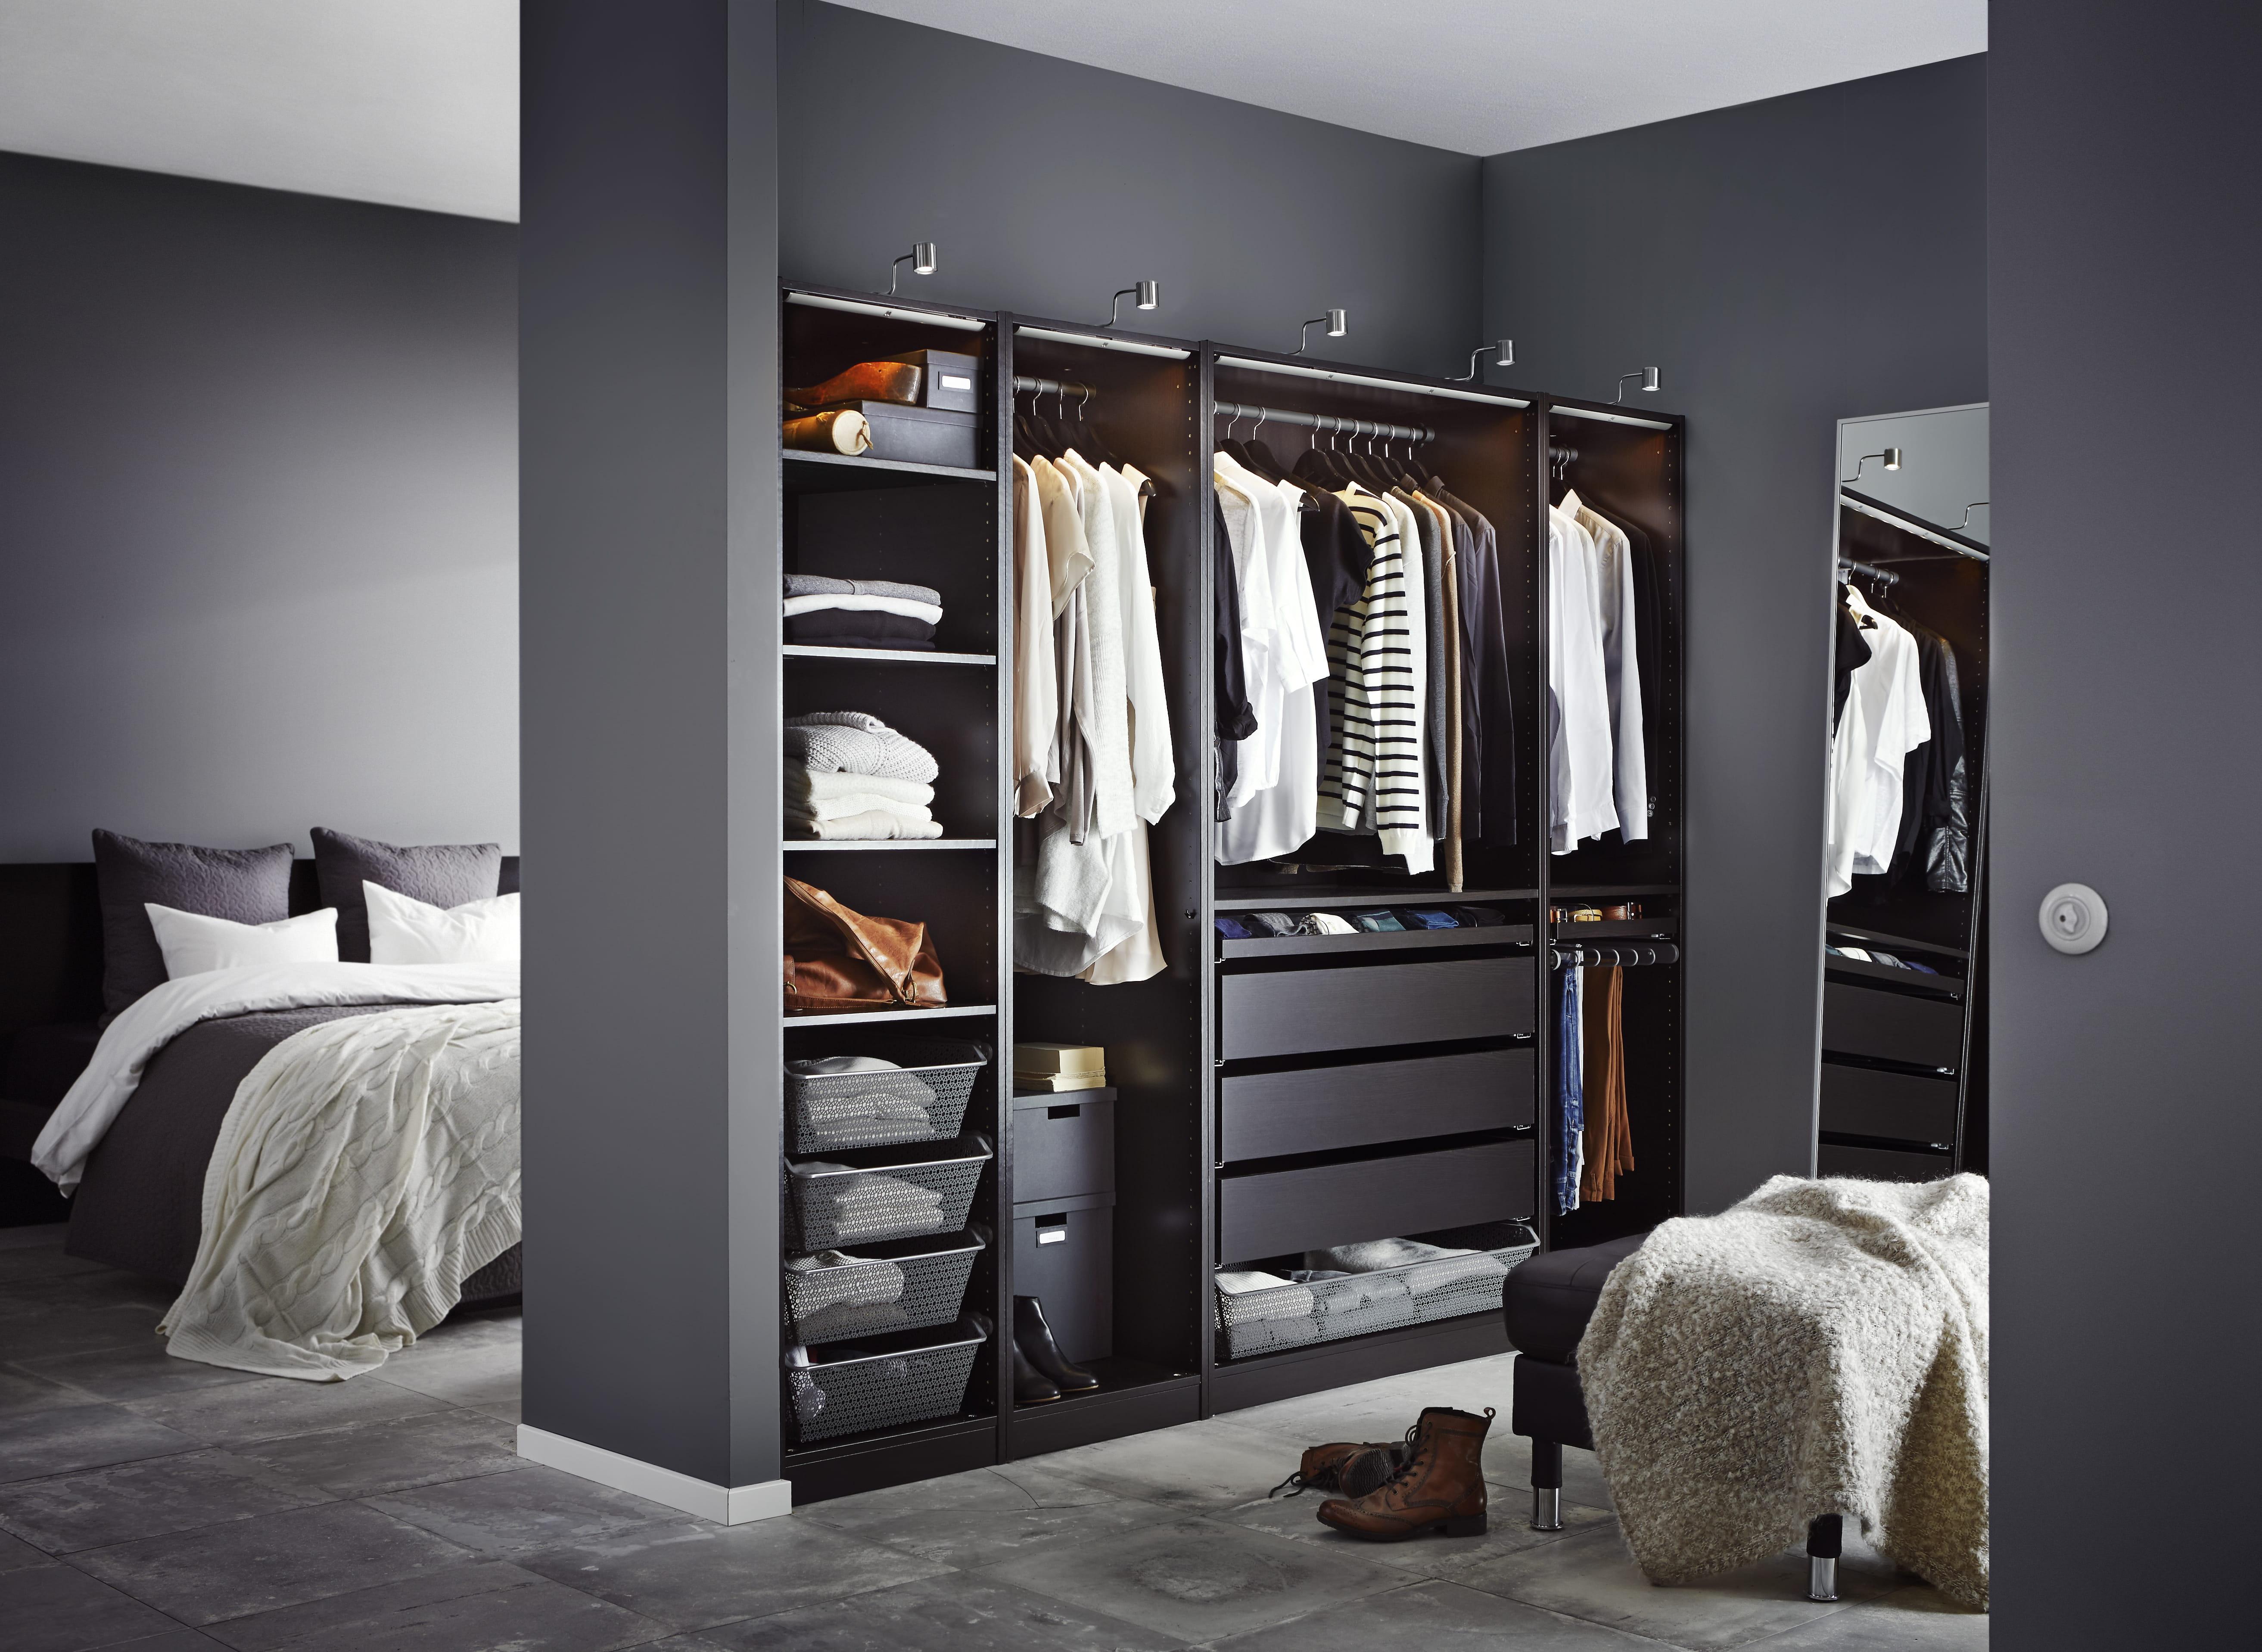 Modele Chambre Ikea : Dressing IKEA : 7 modèles bien pratiques – Journal des Femmes